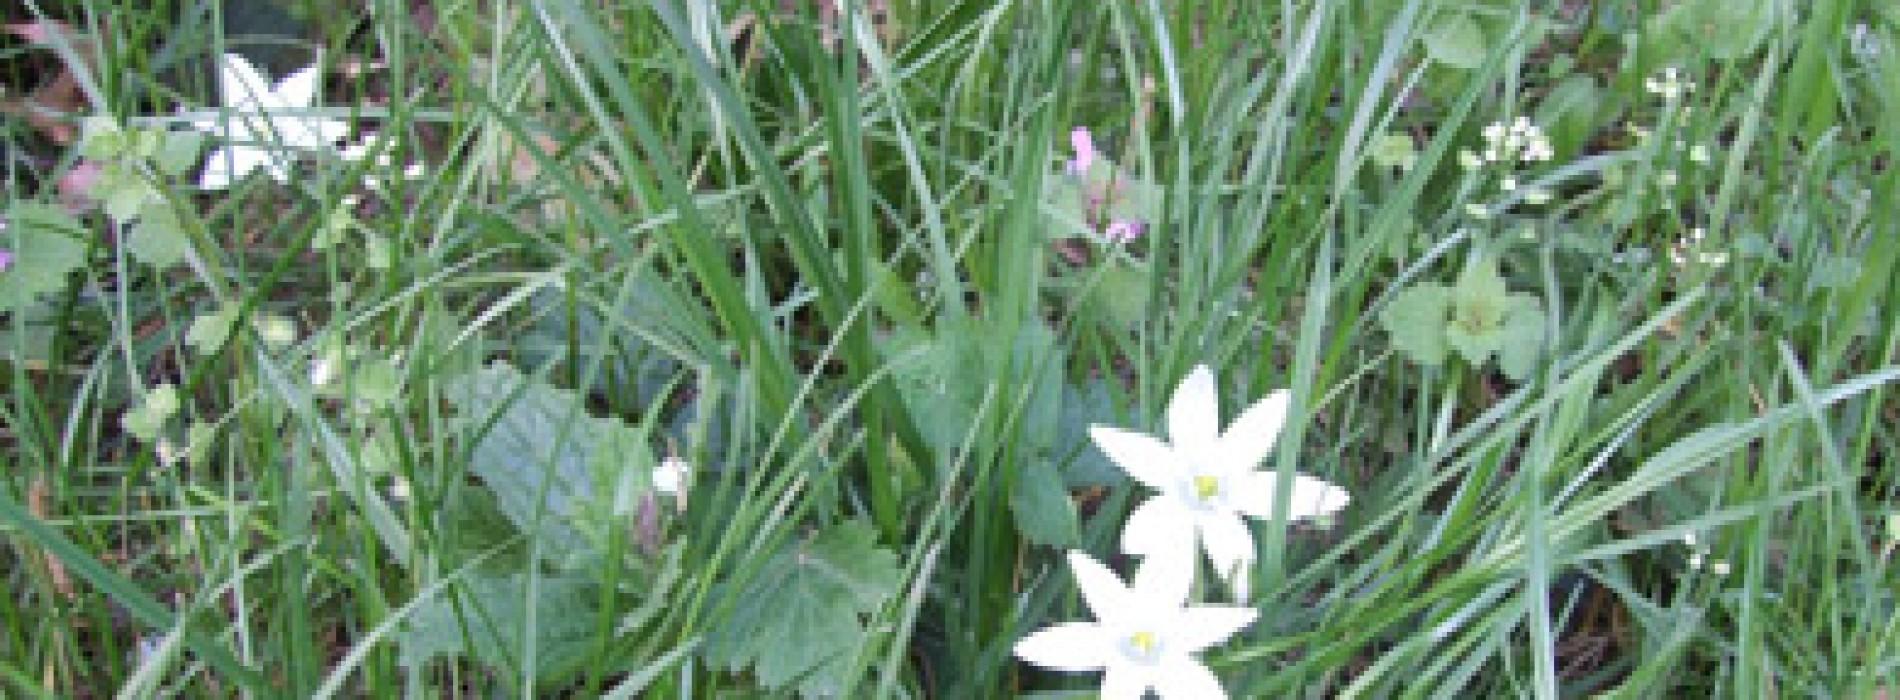 Serbăm Dragobetele şi venirea primăverii